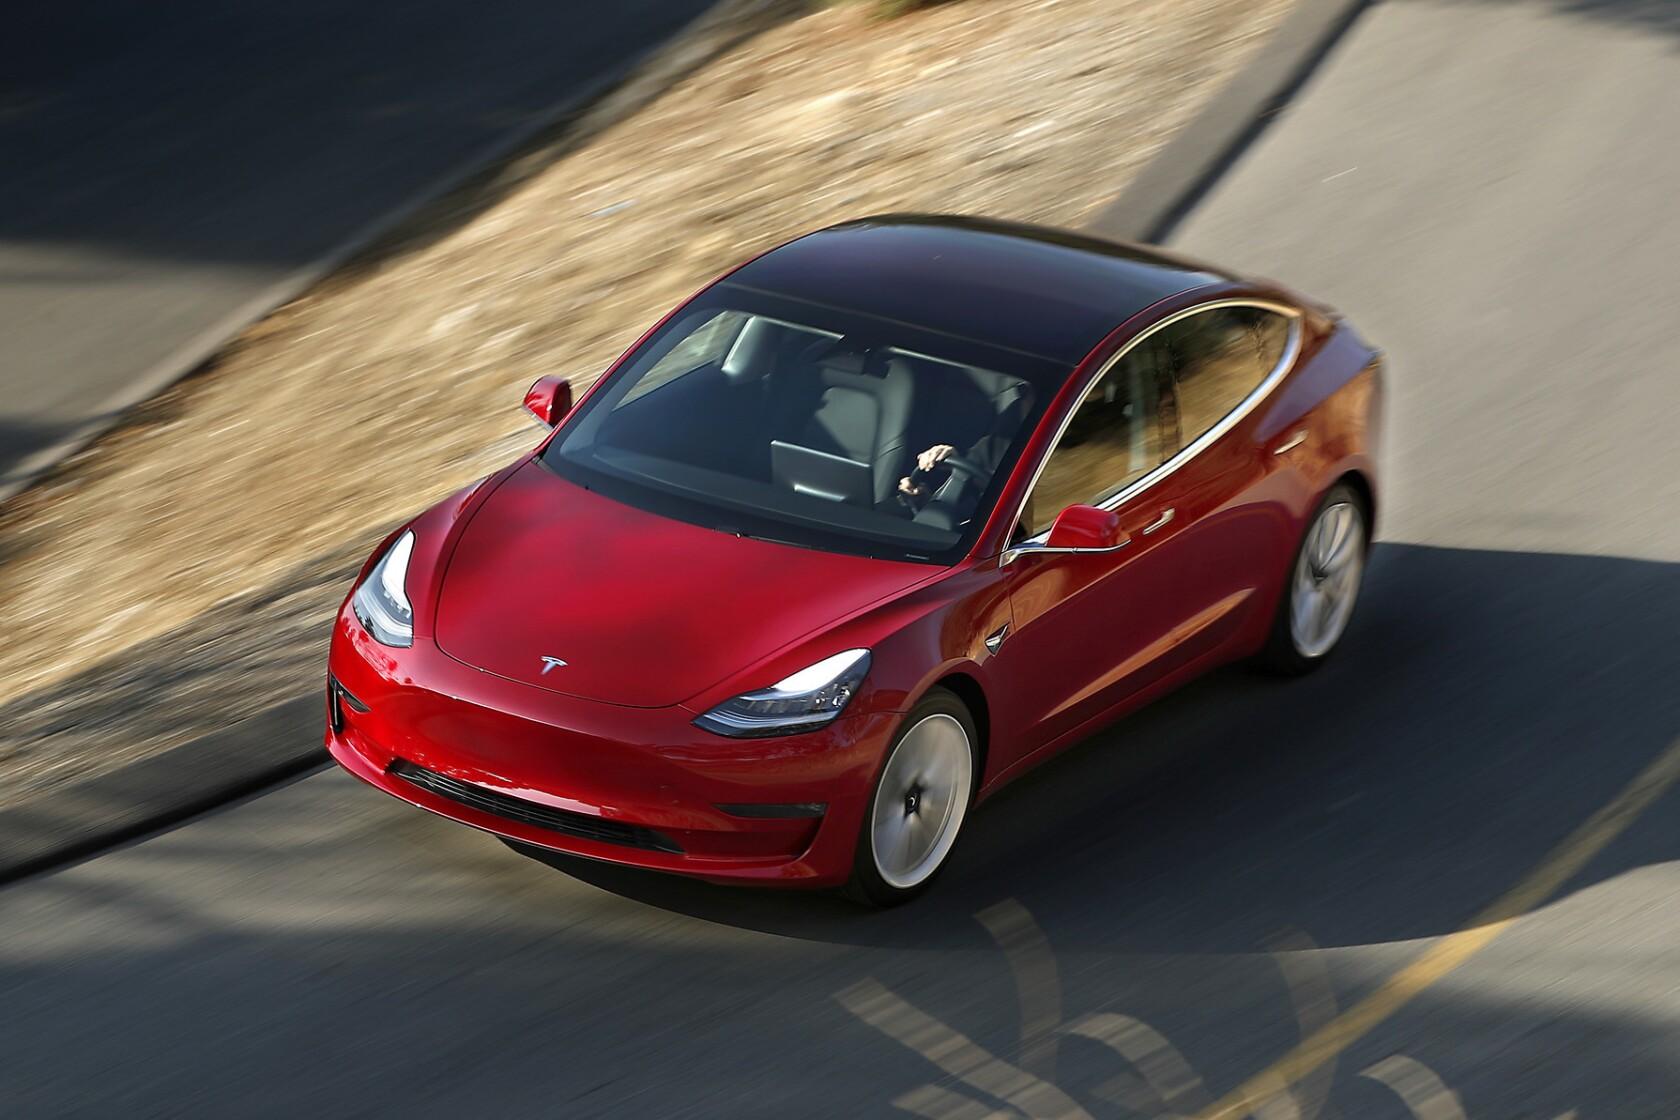 Review: Tesla Model 3: Elon Musk's mass-market car is a